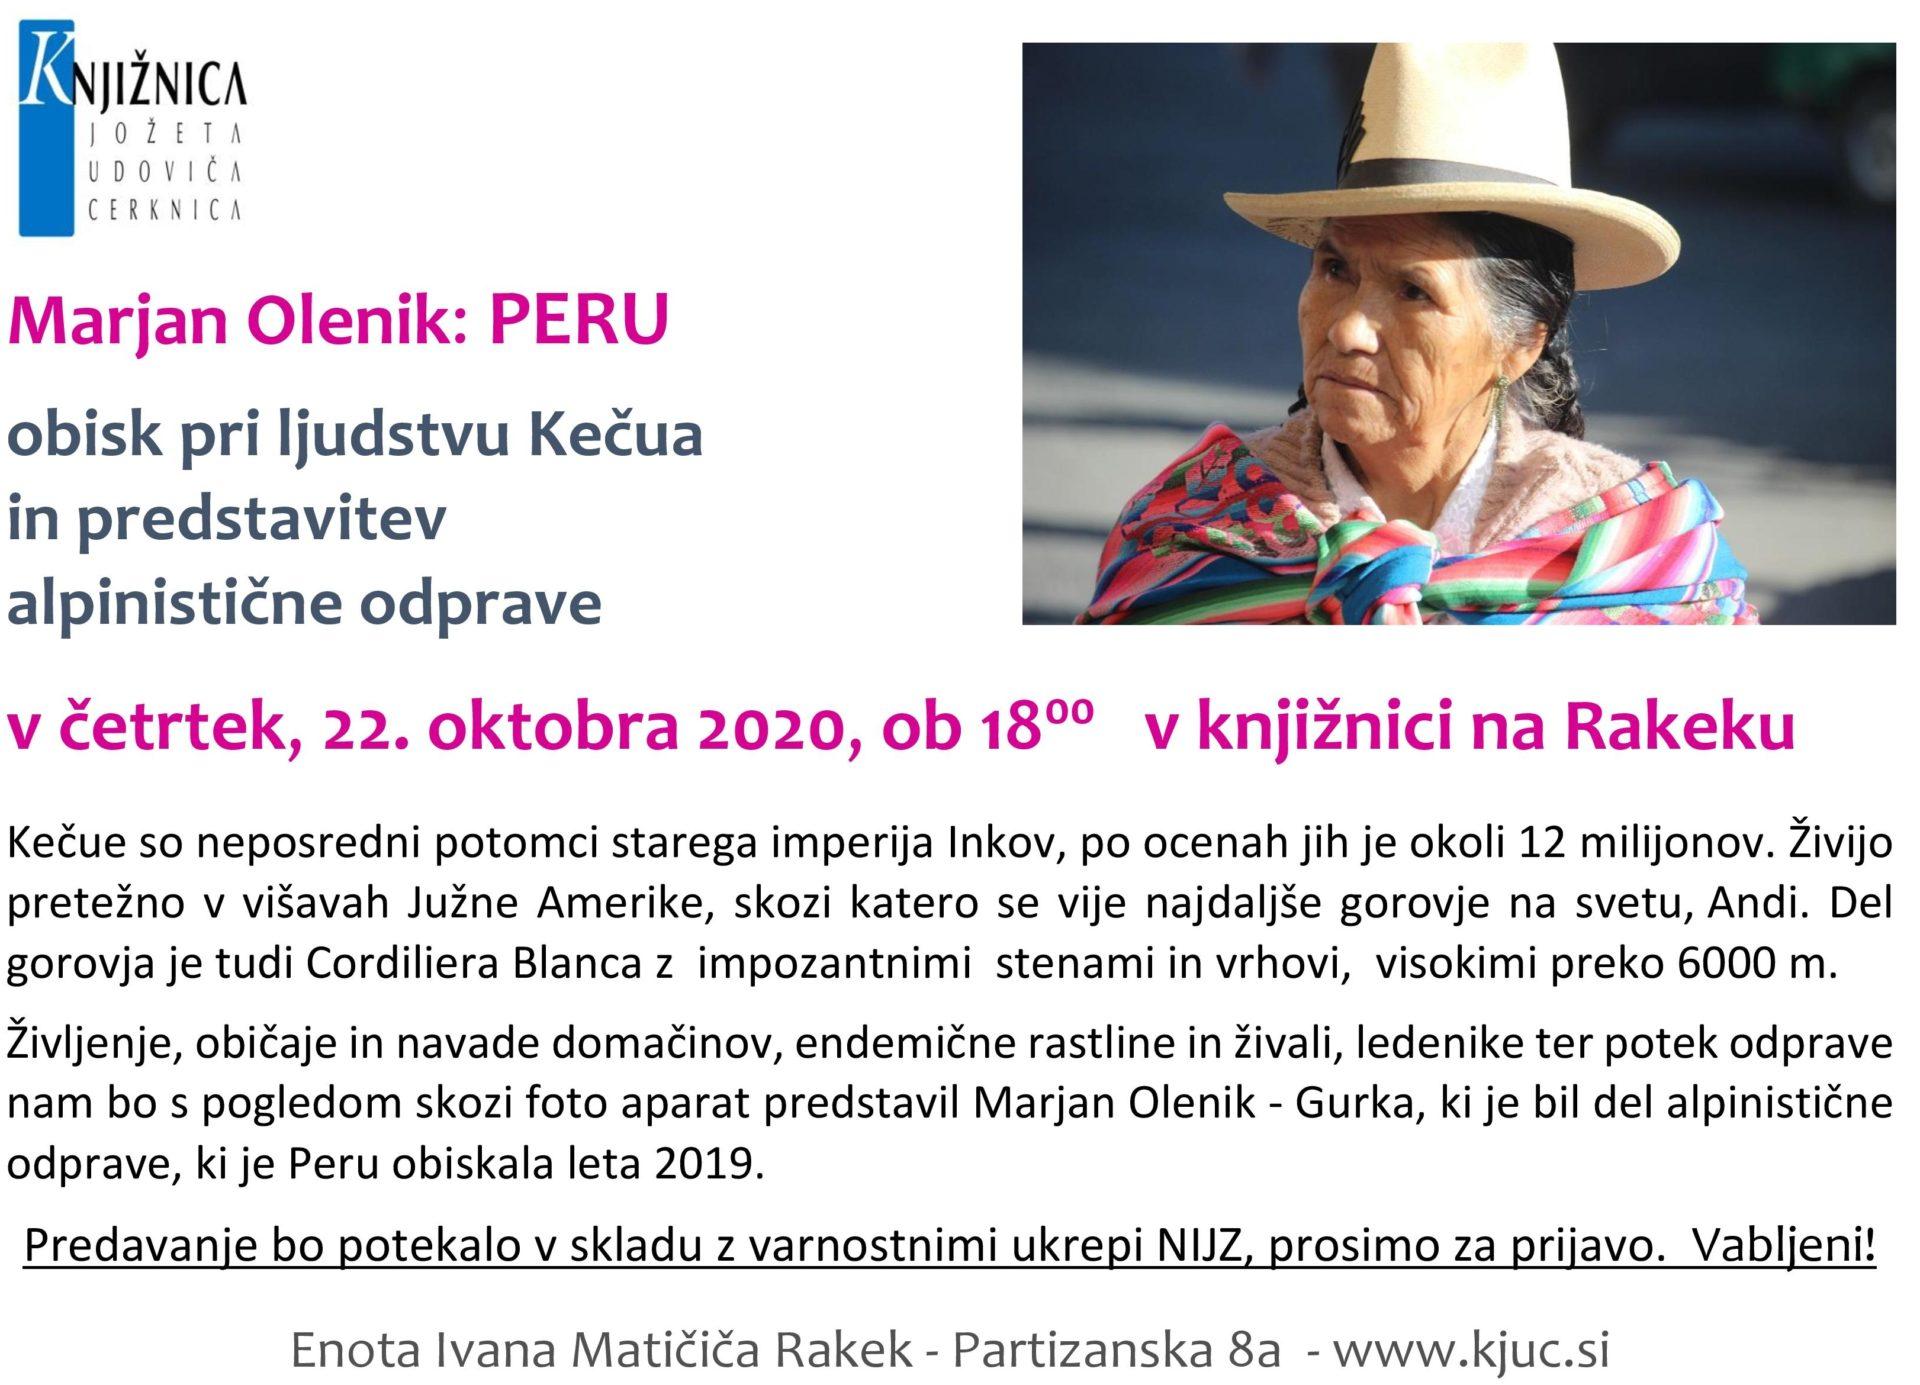 cover 1 - PRESTAVLJENO Potopisno predavanje - Marjan Olenik: Peru